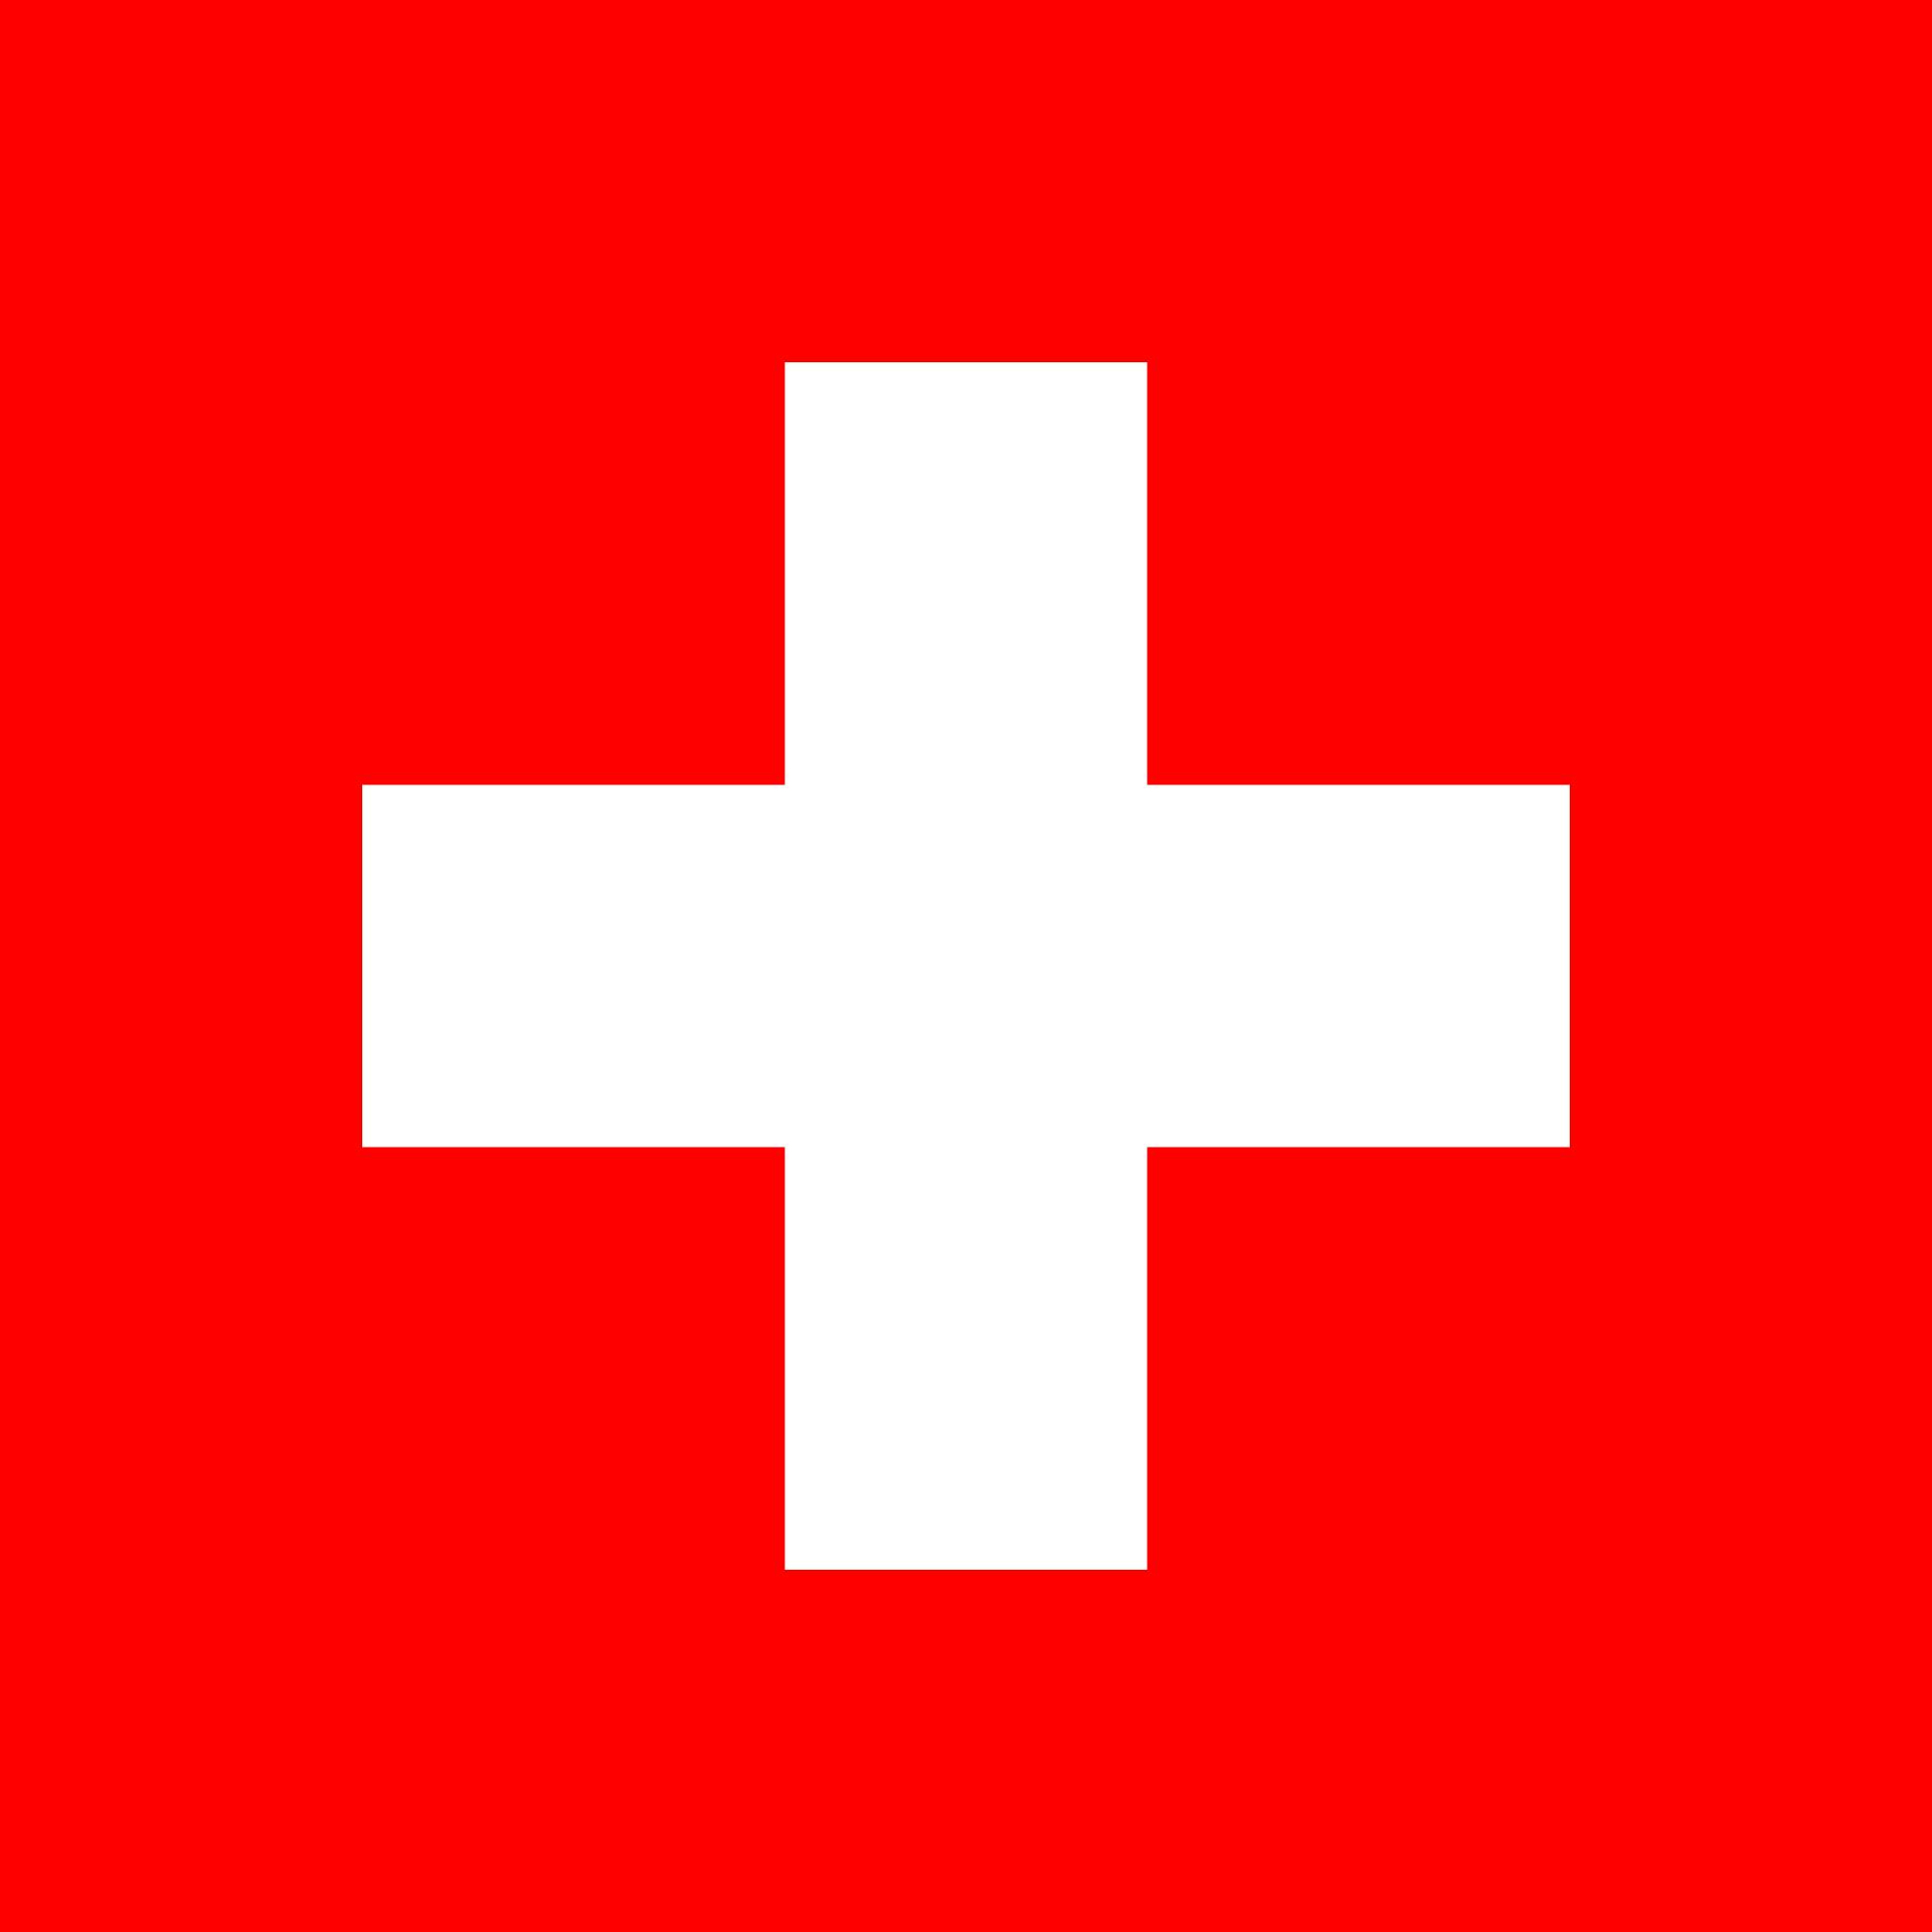 Interessante Details — Schweiz veröffentlicht Handelsstatistik März 2016